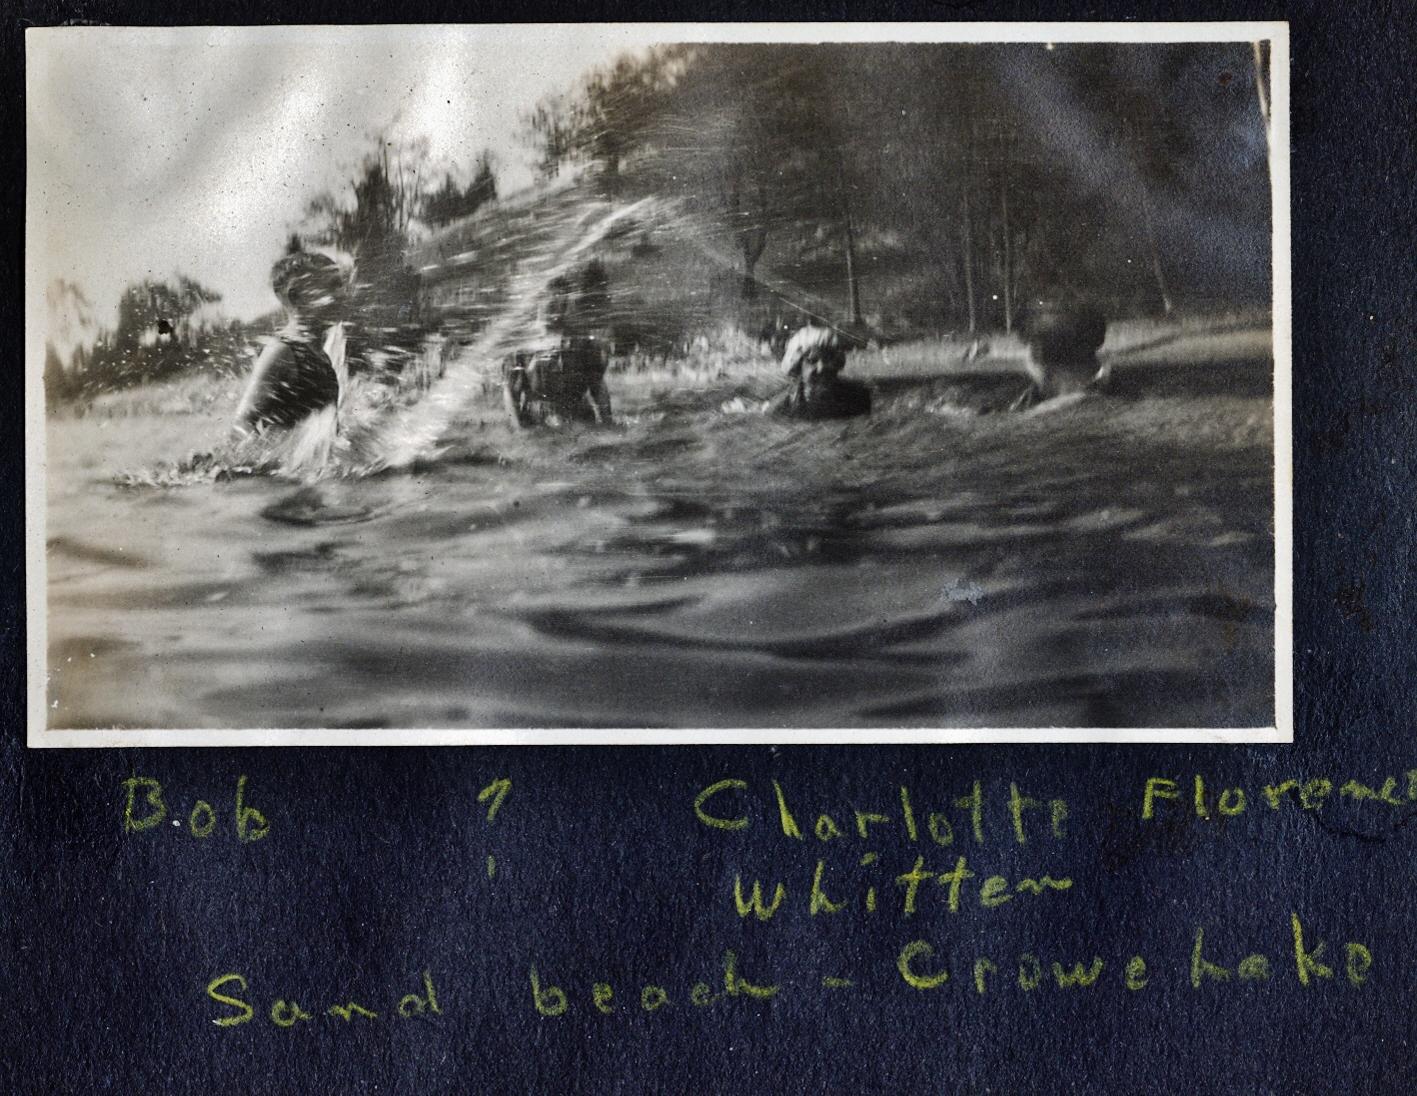 Crowe Lake, Florence Whitten